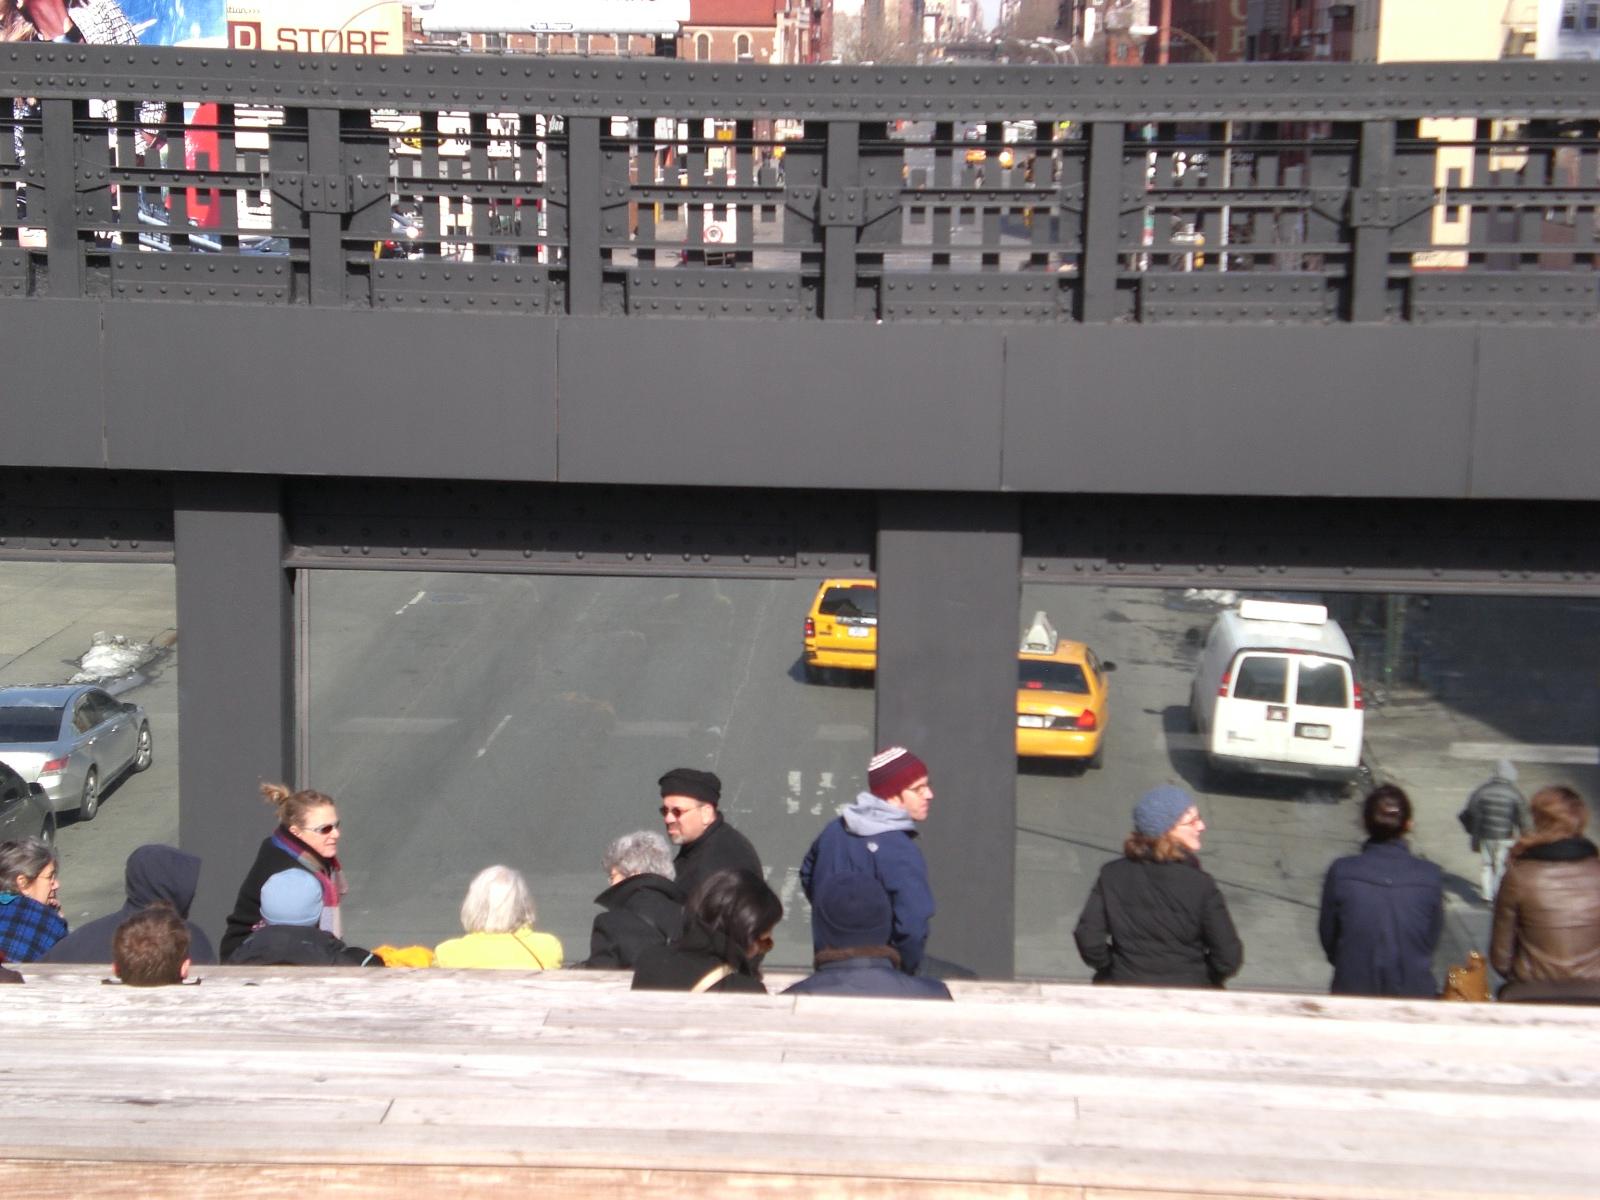 Watching New York Through New York